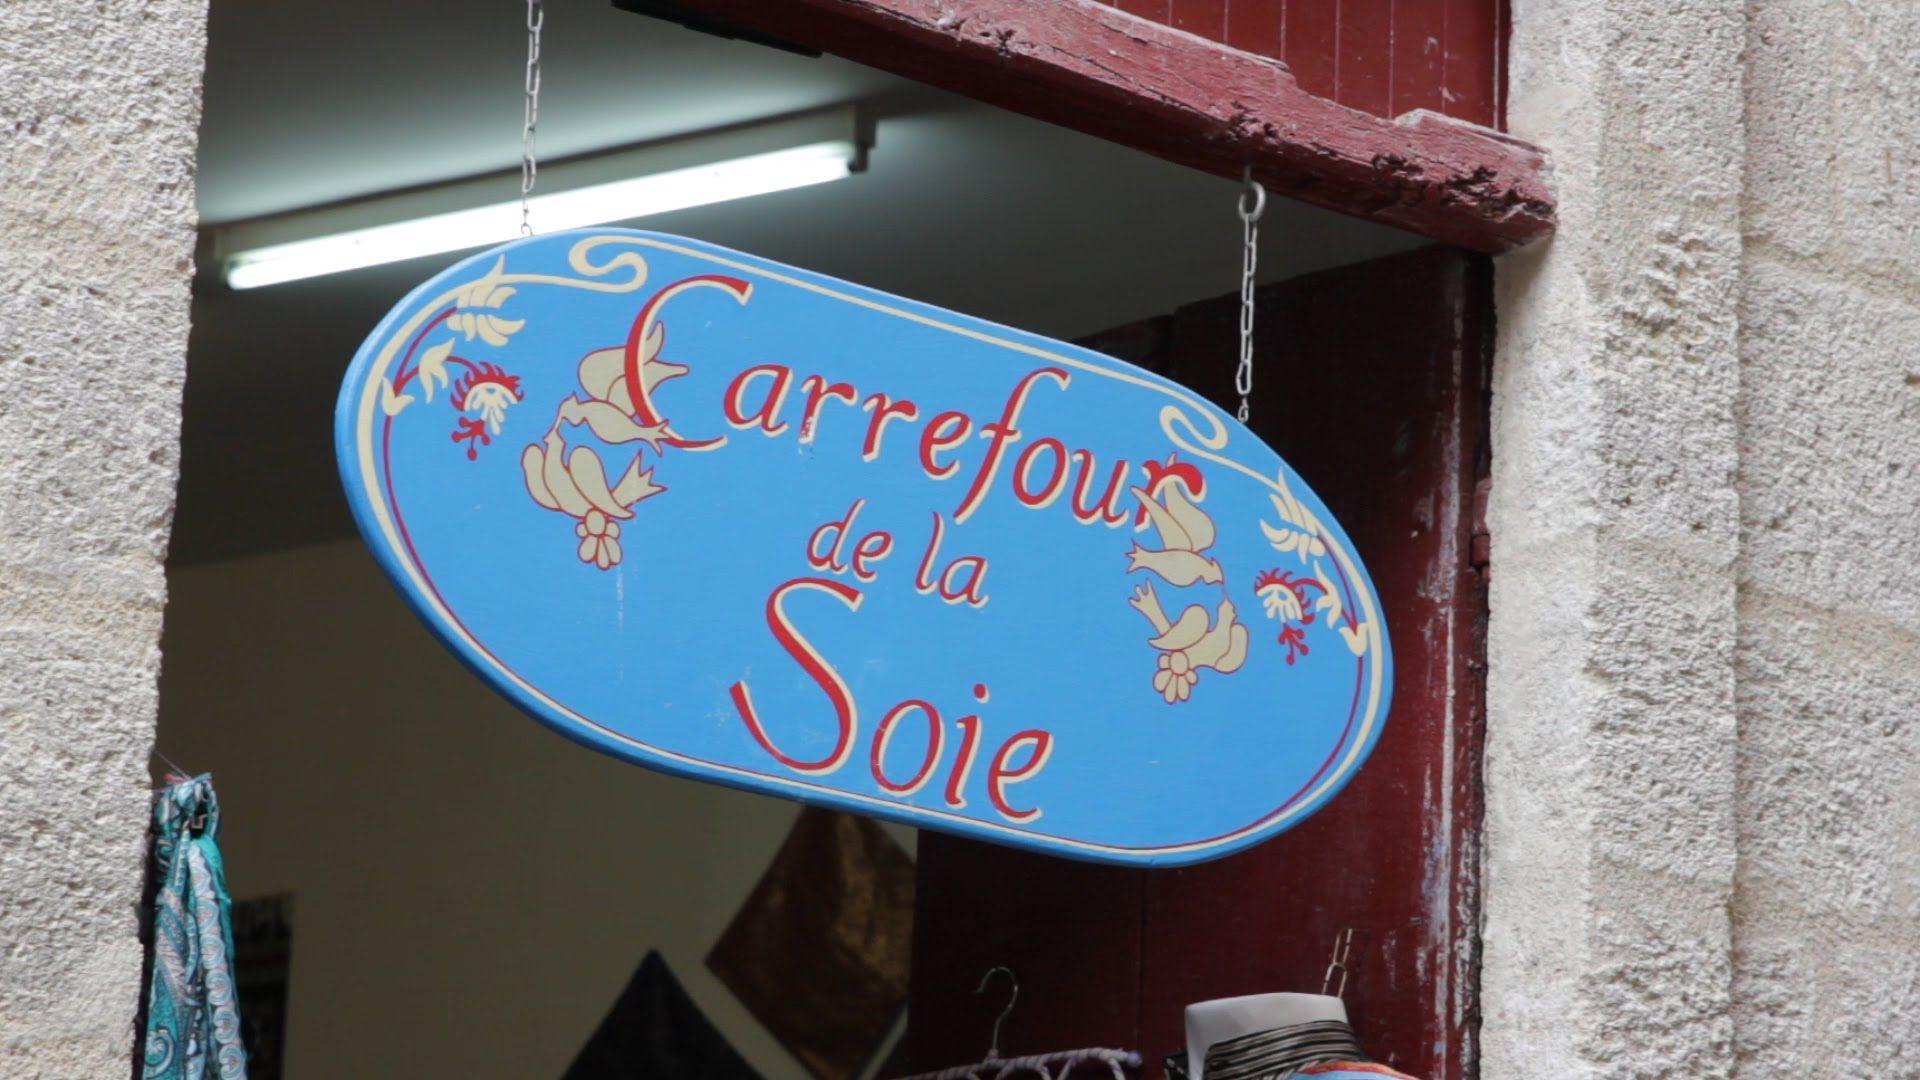 Watch this #video of one of our #artists createur Ahmad Chakkaki who shows us his fascinating craft of #silk-weaving! #Tissage de la soie et le brocart comme à #Damas! Atelier Carrefour de la Soie, his workshop in Old Town #PezenasQuartierRueDeLaFoire ! For more information find us on Facebook & YouTube #Pezenas #Coeur de Ville!